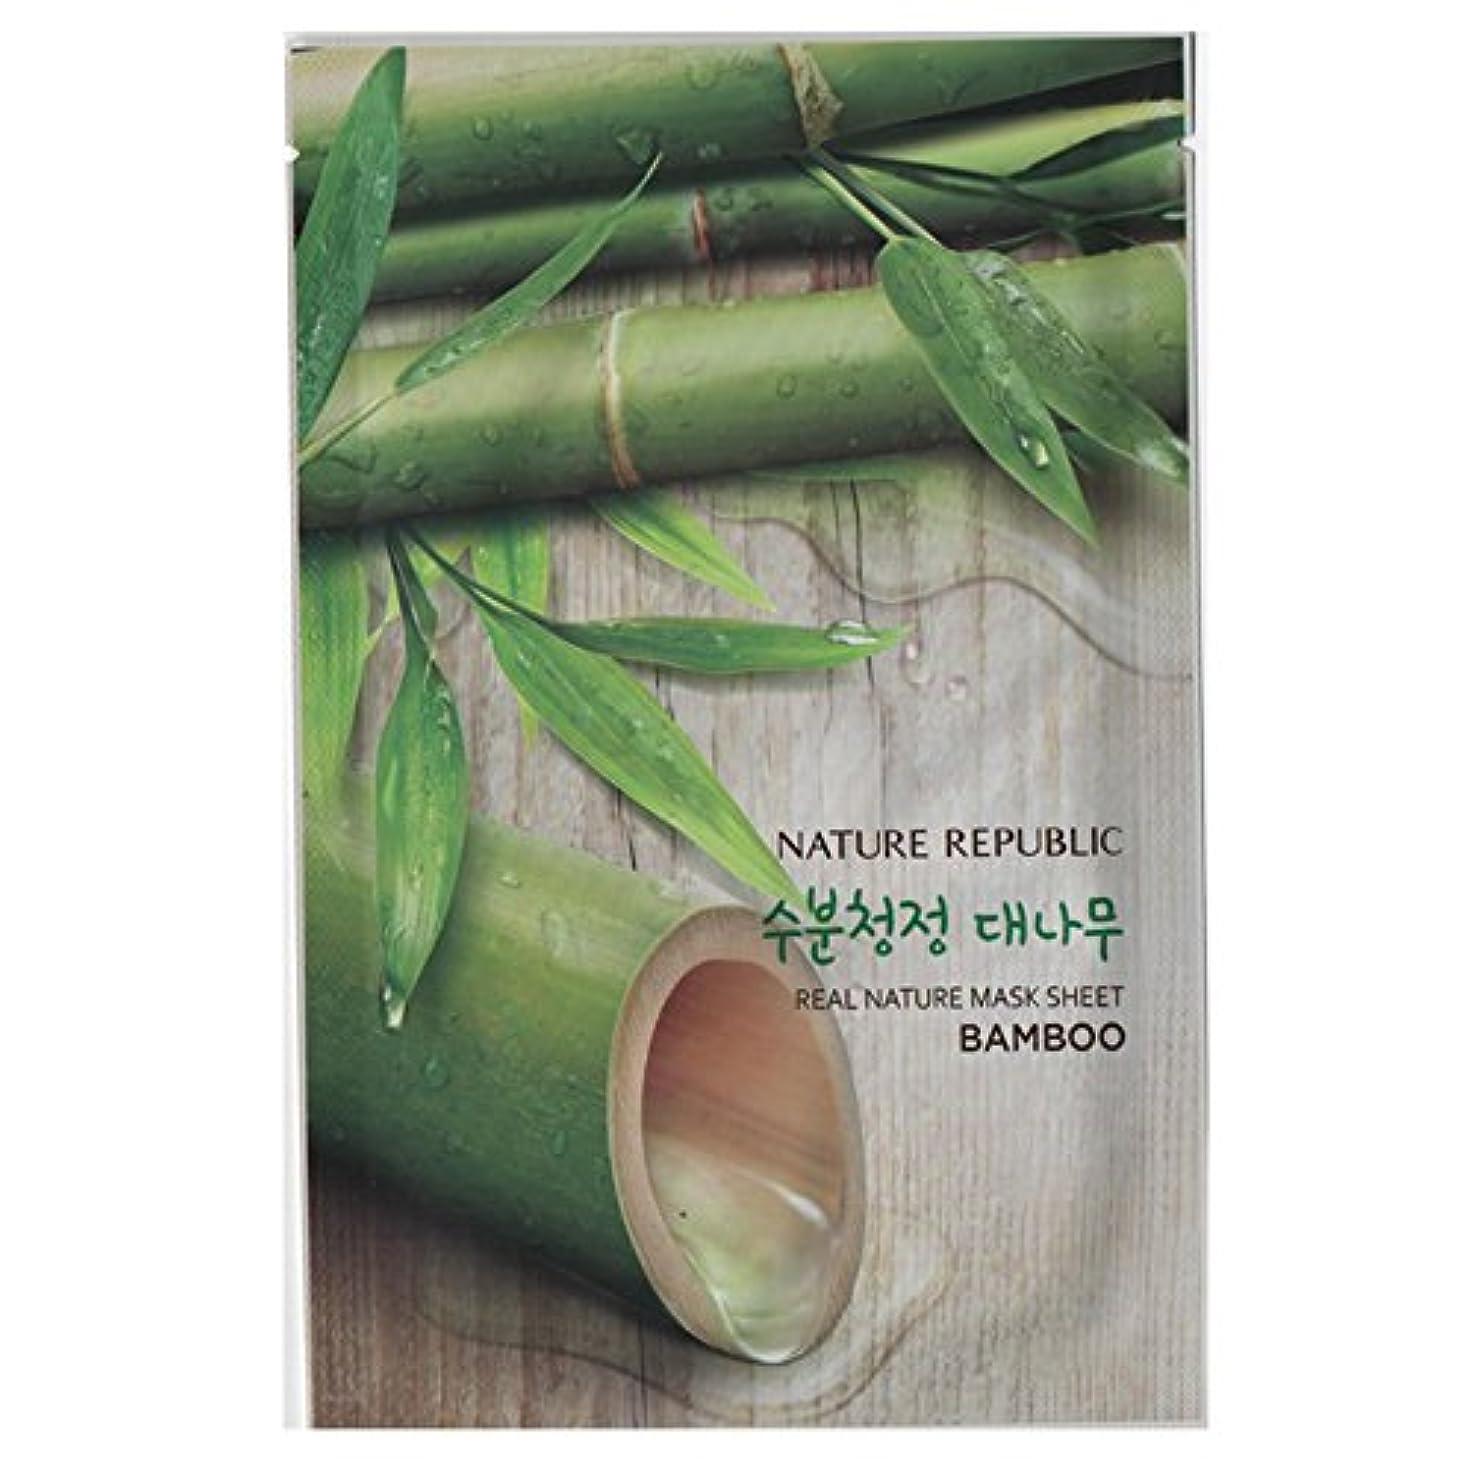 悲観的代替一般化する[NATURE REPUBLIC] リアルネイチャー マスクシート Real Nature Mask Sheet (Bamboo (竹) 10個) [並行輸入品]